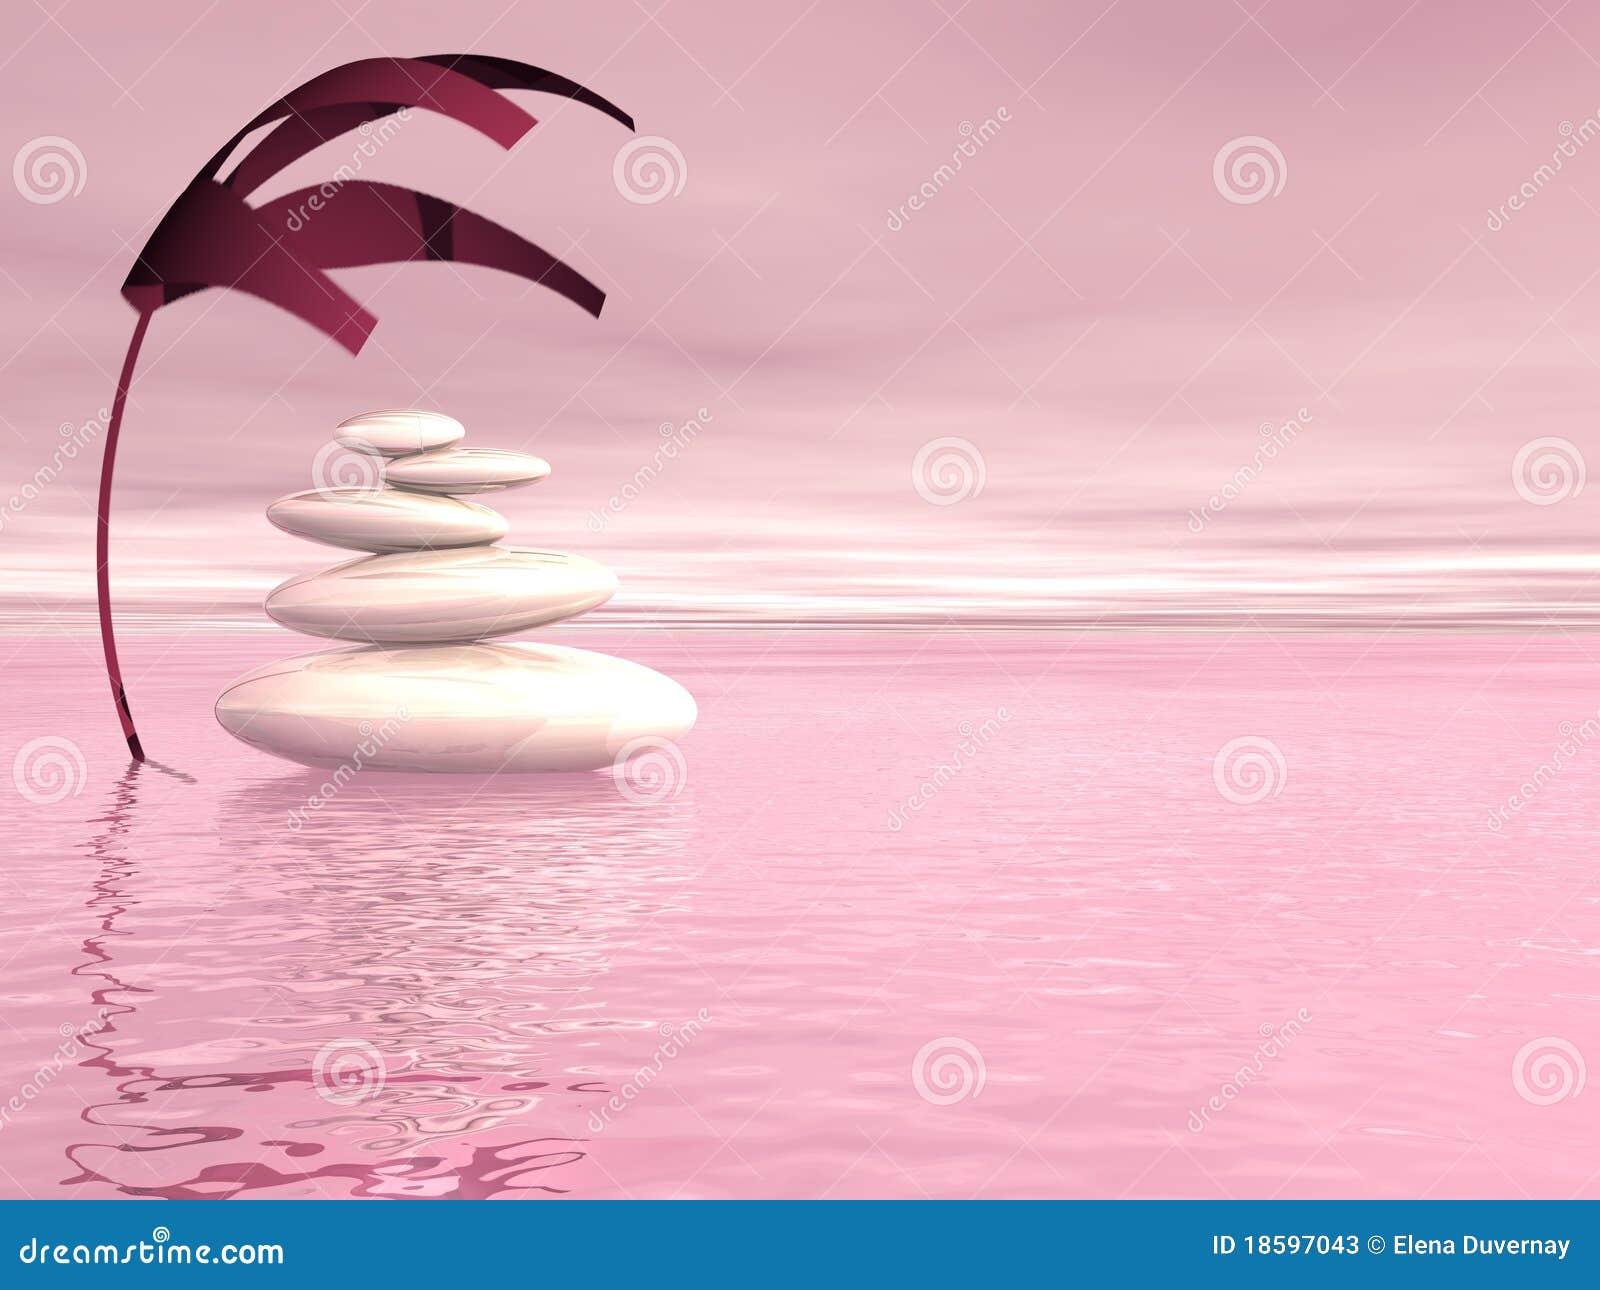 violet-zen-18597043